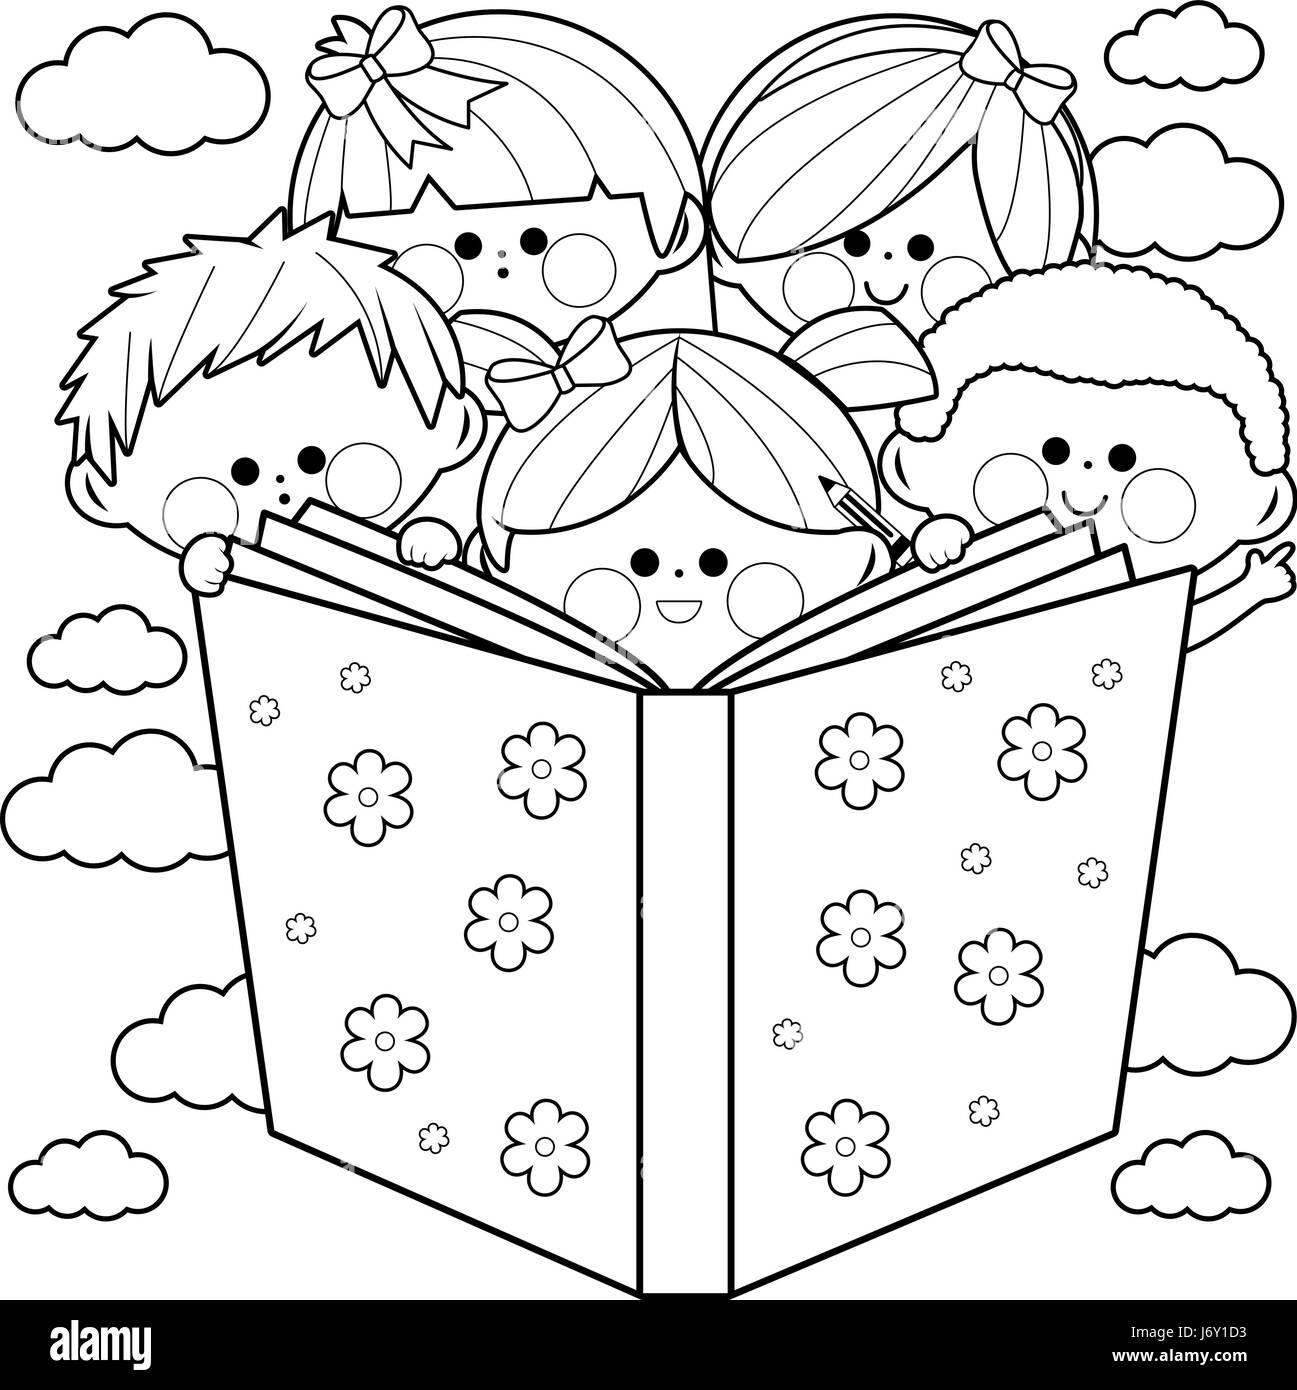 Página Para Colorear De Niños Imágenes De Stock Página Para